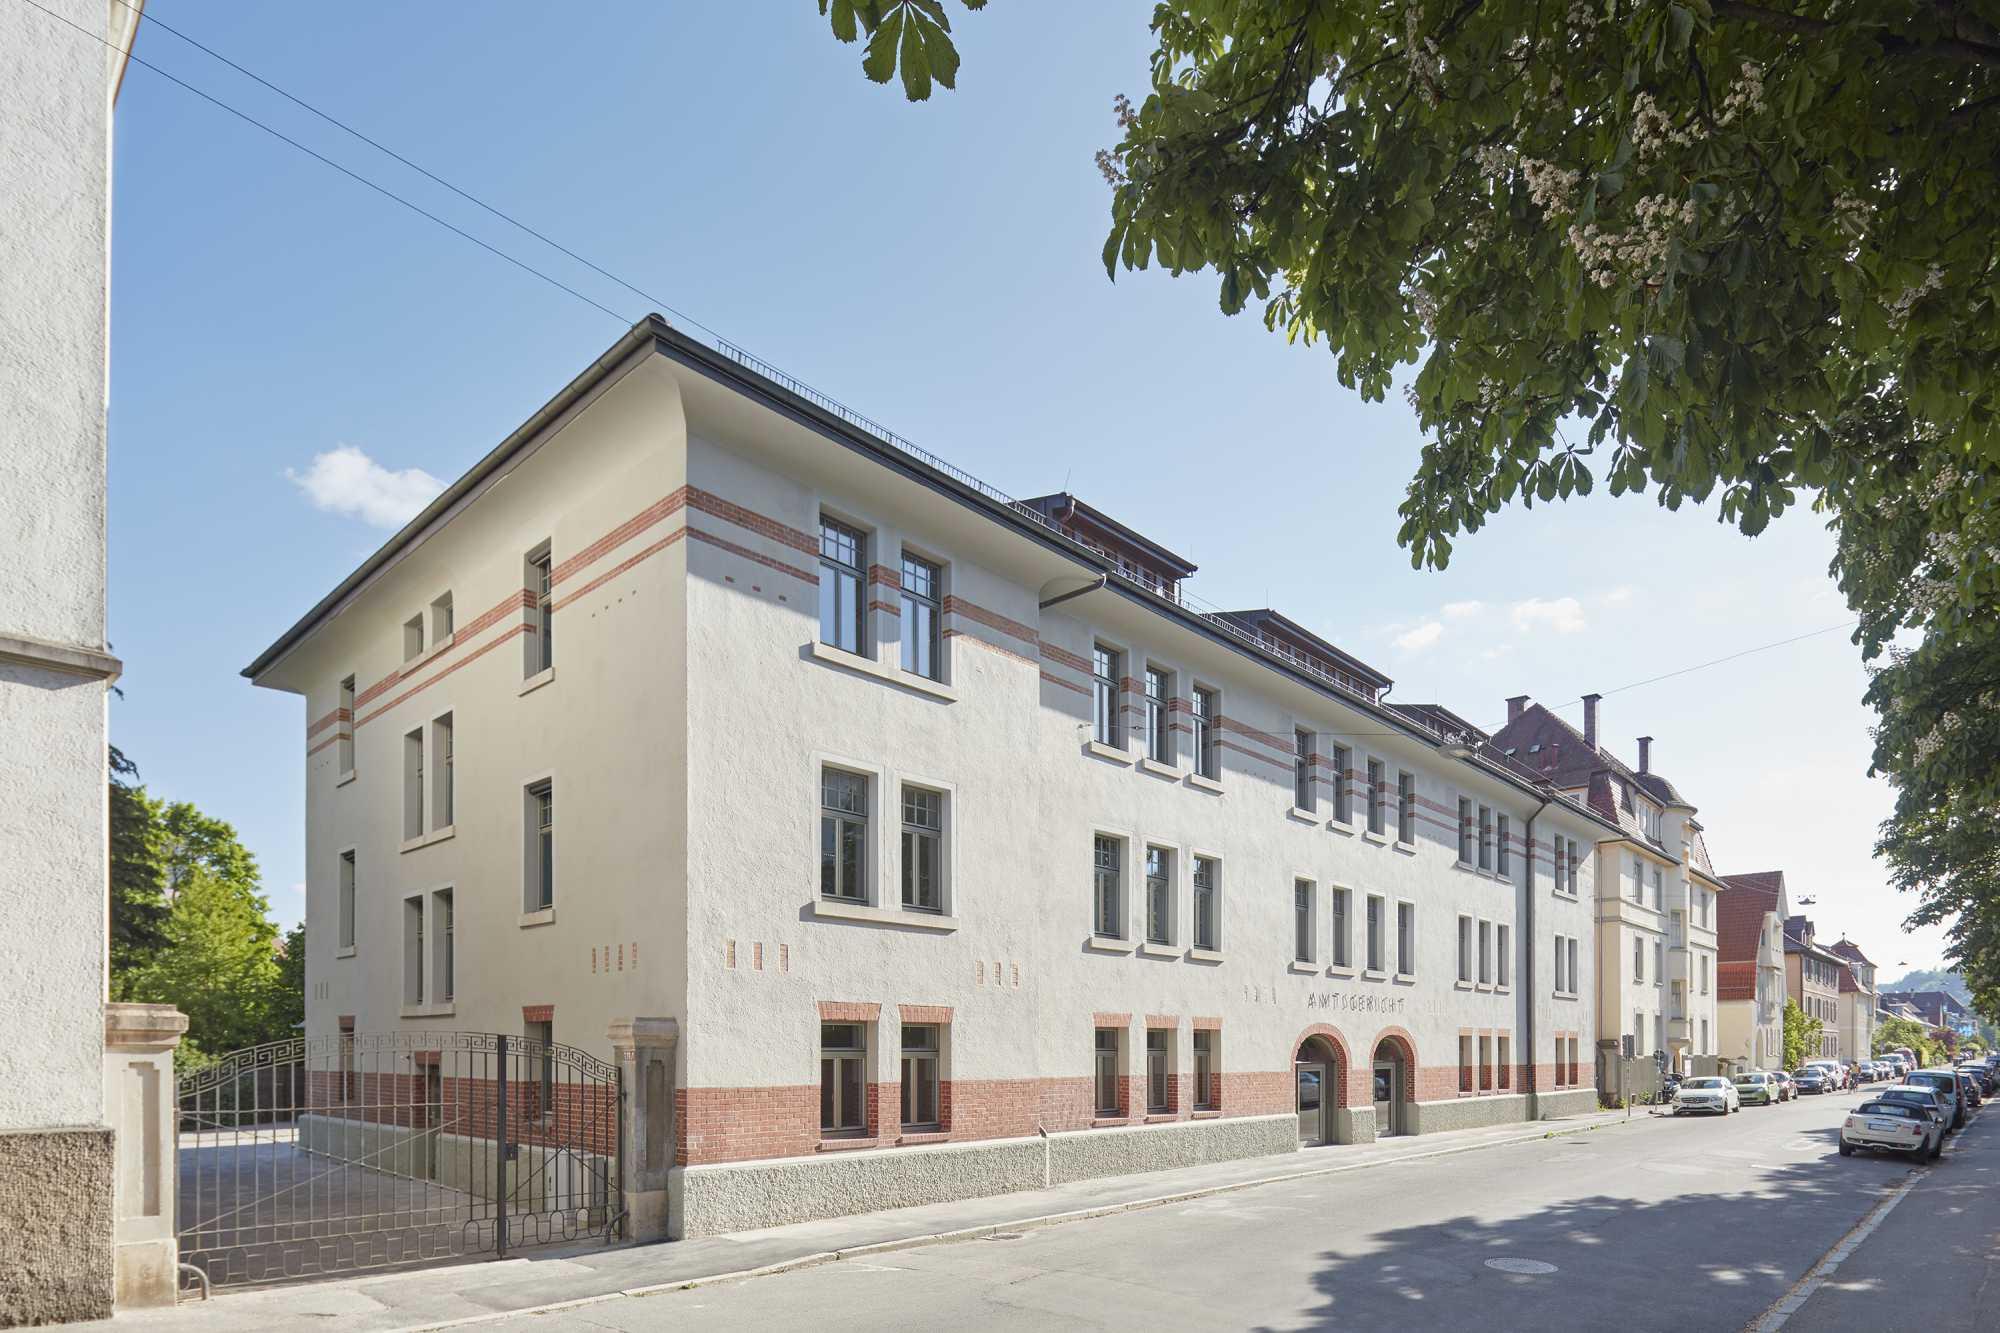 Kurz vor Bezug besichtigt unser Büroteam die denkmalpflegerische Sanierung und den Umbau Amtsgericht Schellingstraße ({project_images:field_row_count})